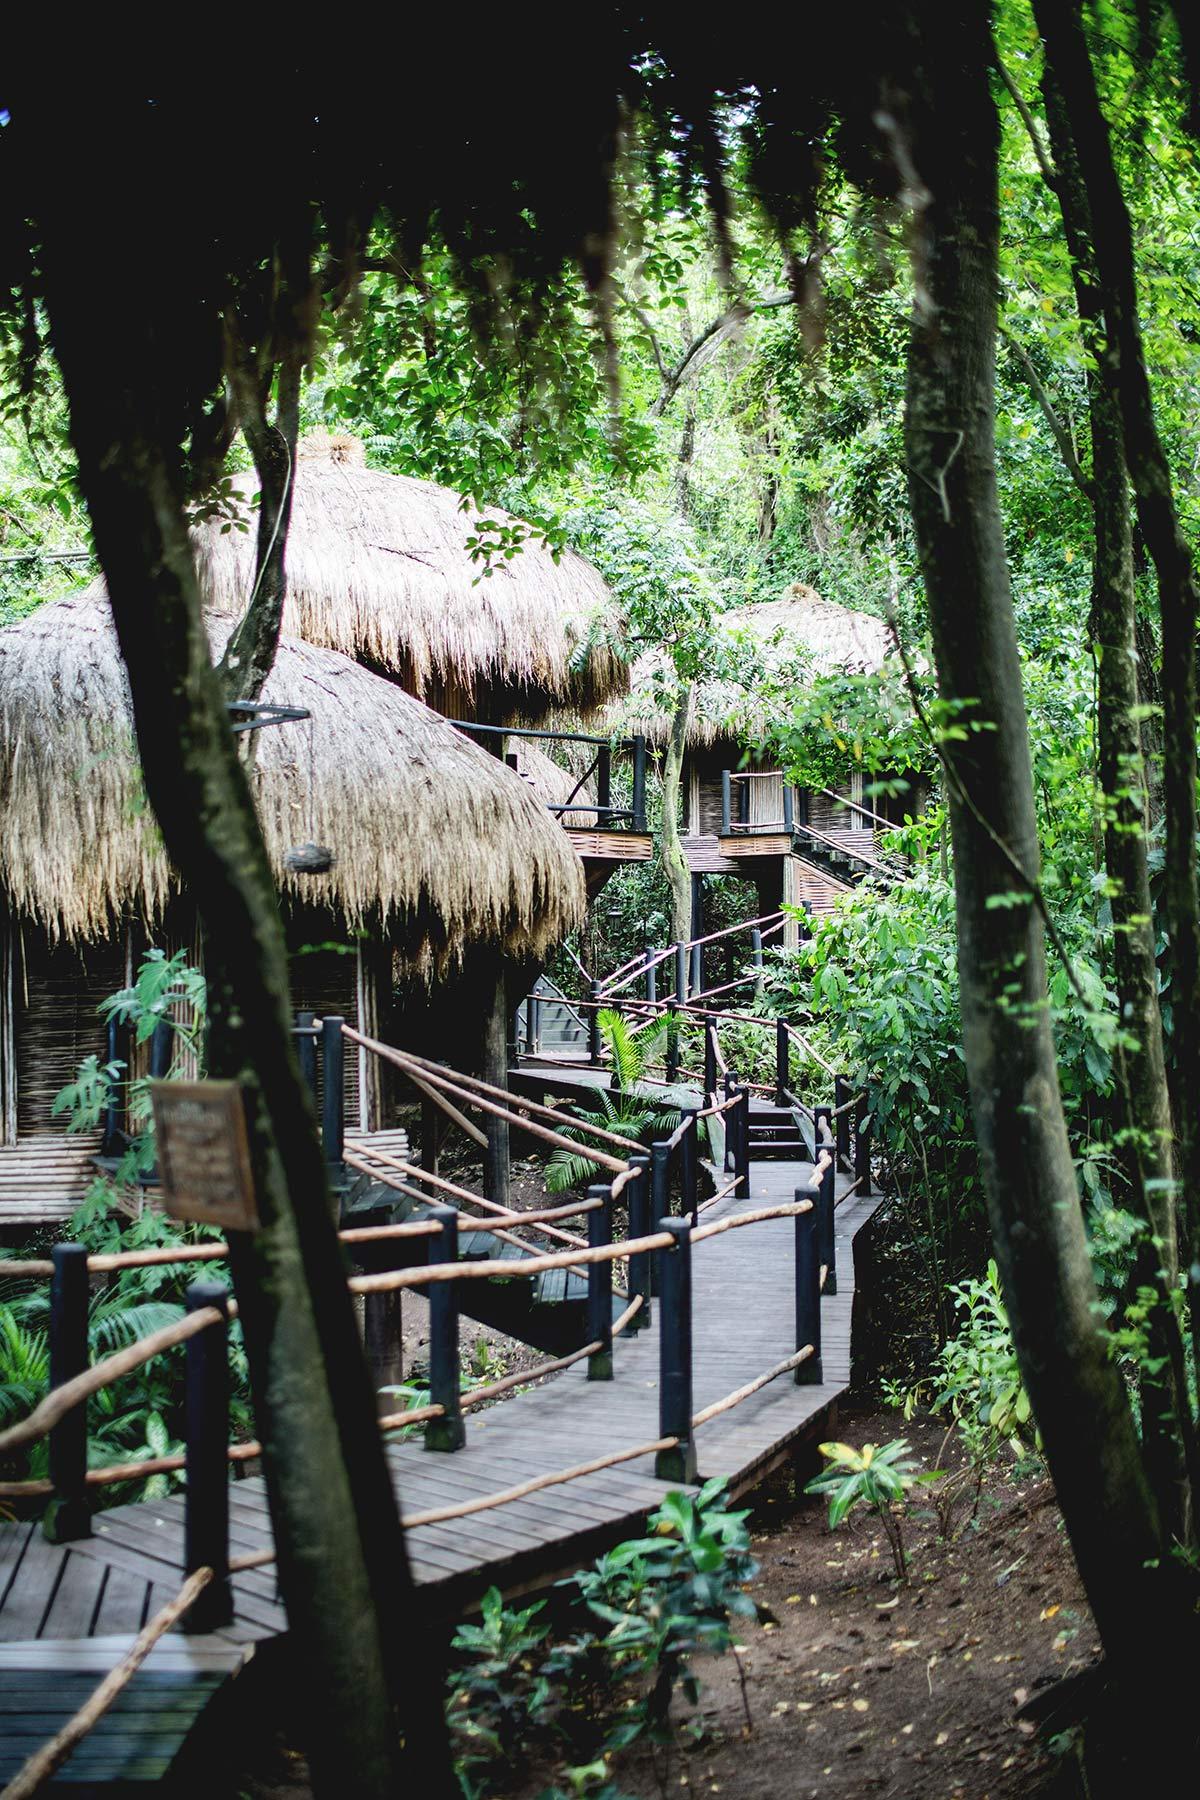 Spabereich im Regenwald